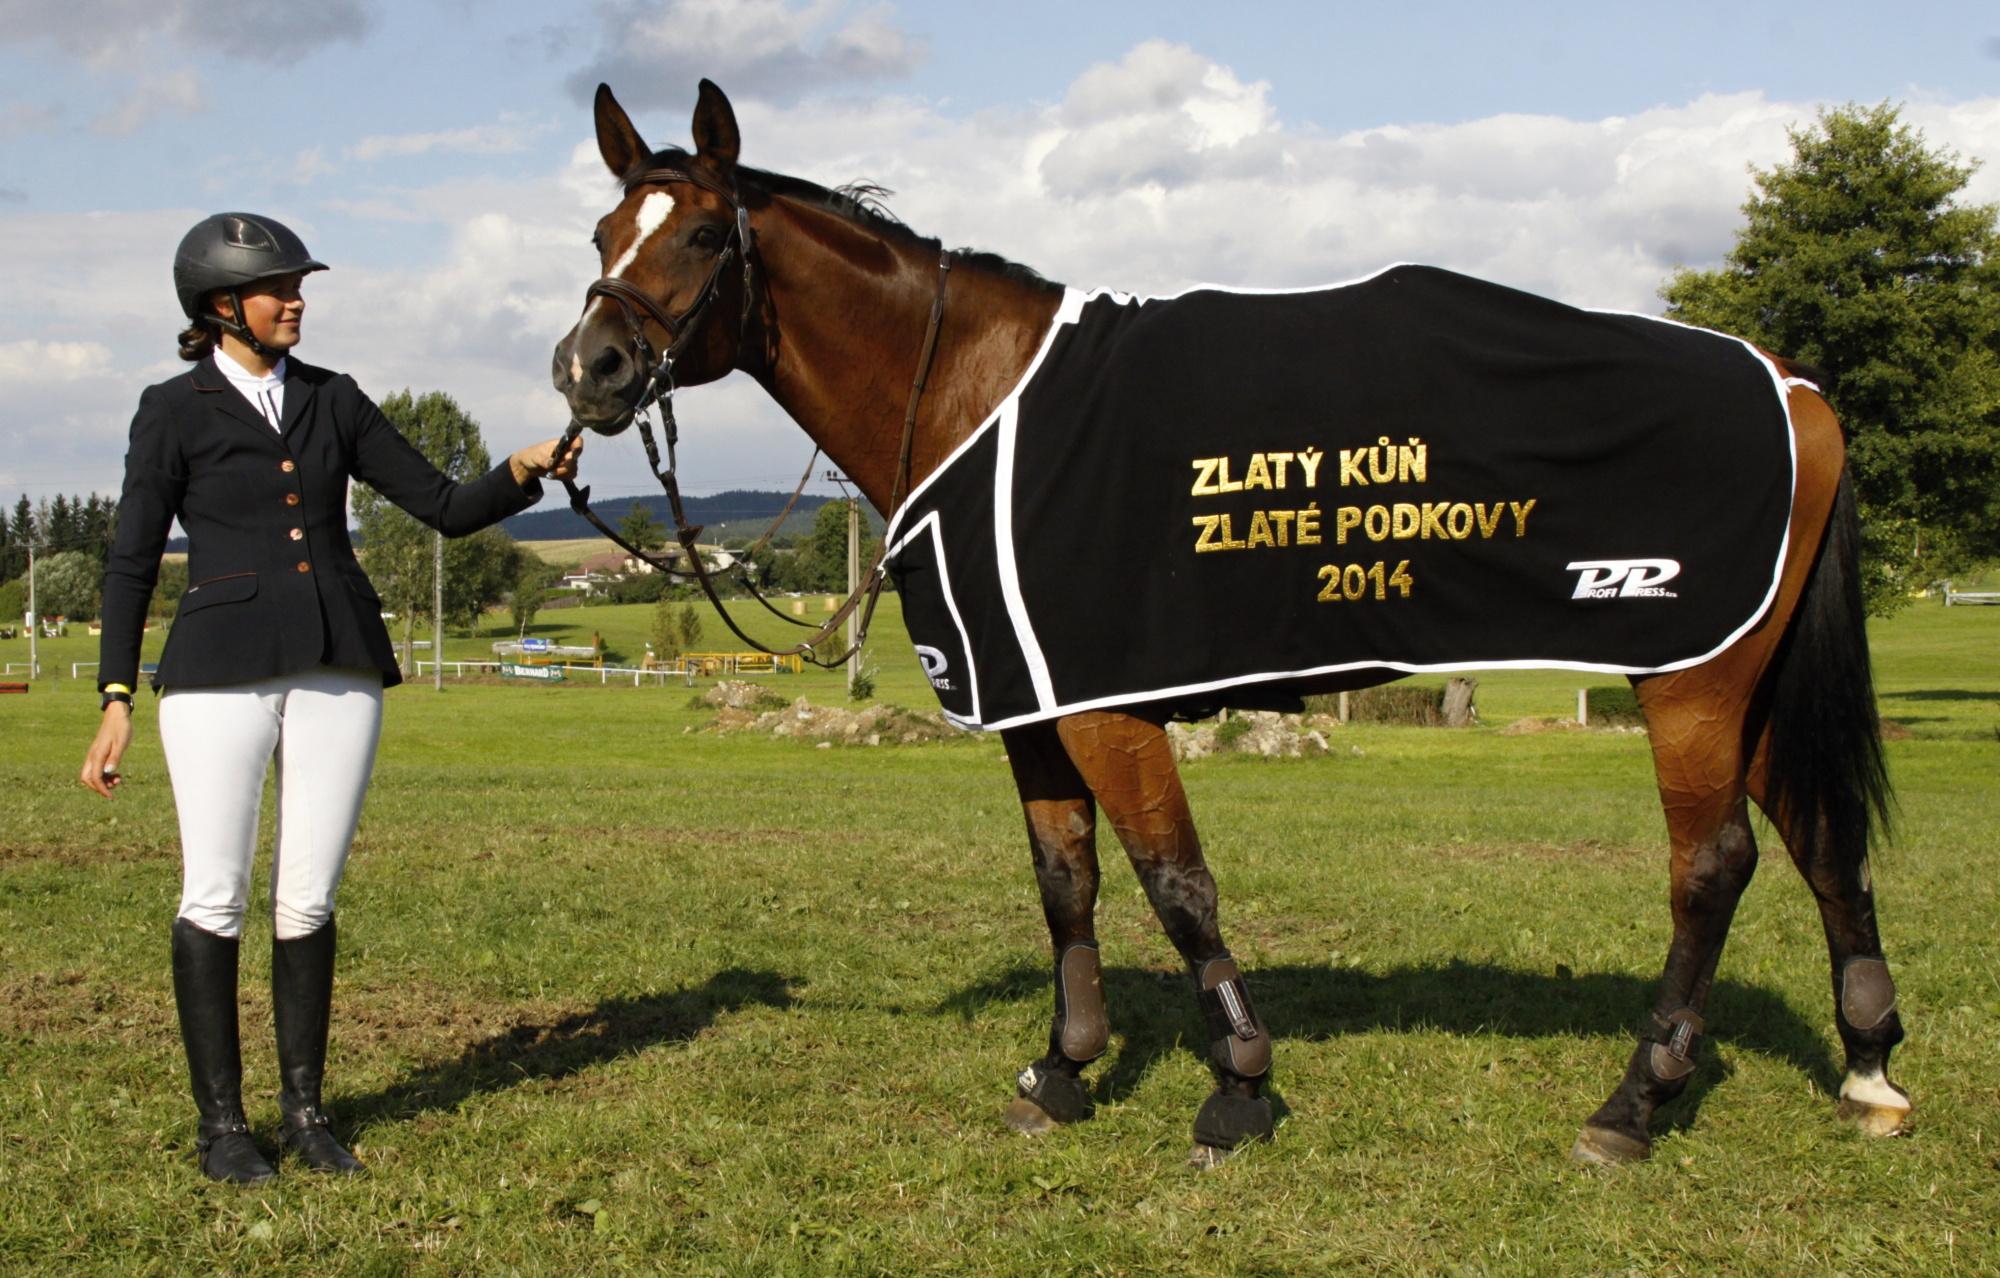 Kim-C se svou jezdkyní Karolínou Petrovou a  přehlídkovou dekou pro Zlatého koně Zlaté podkovy  Foto Jiří Bělohlav